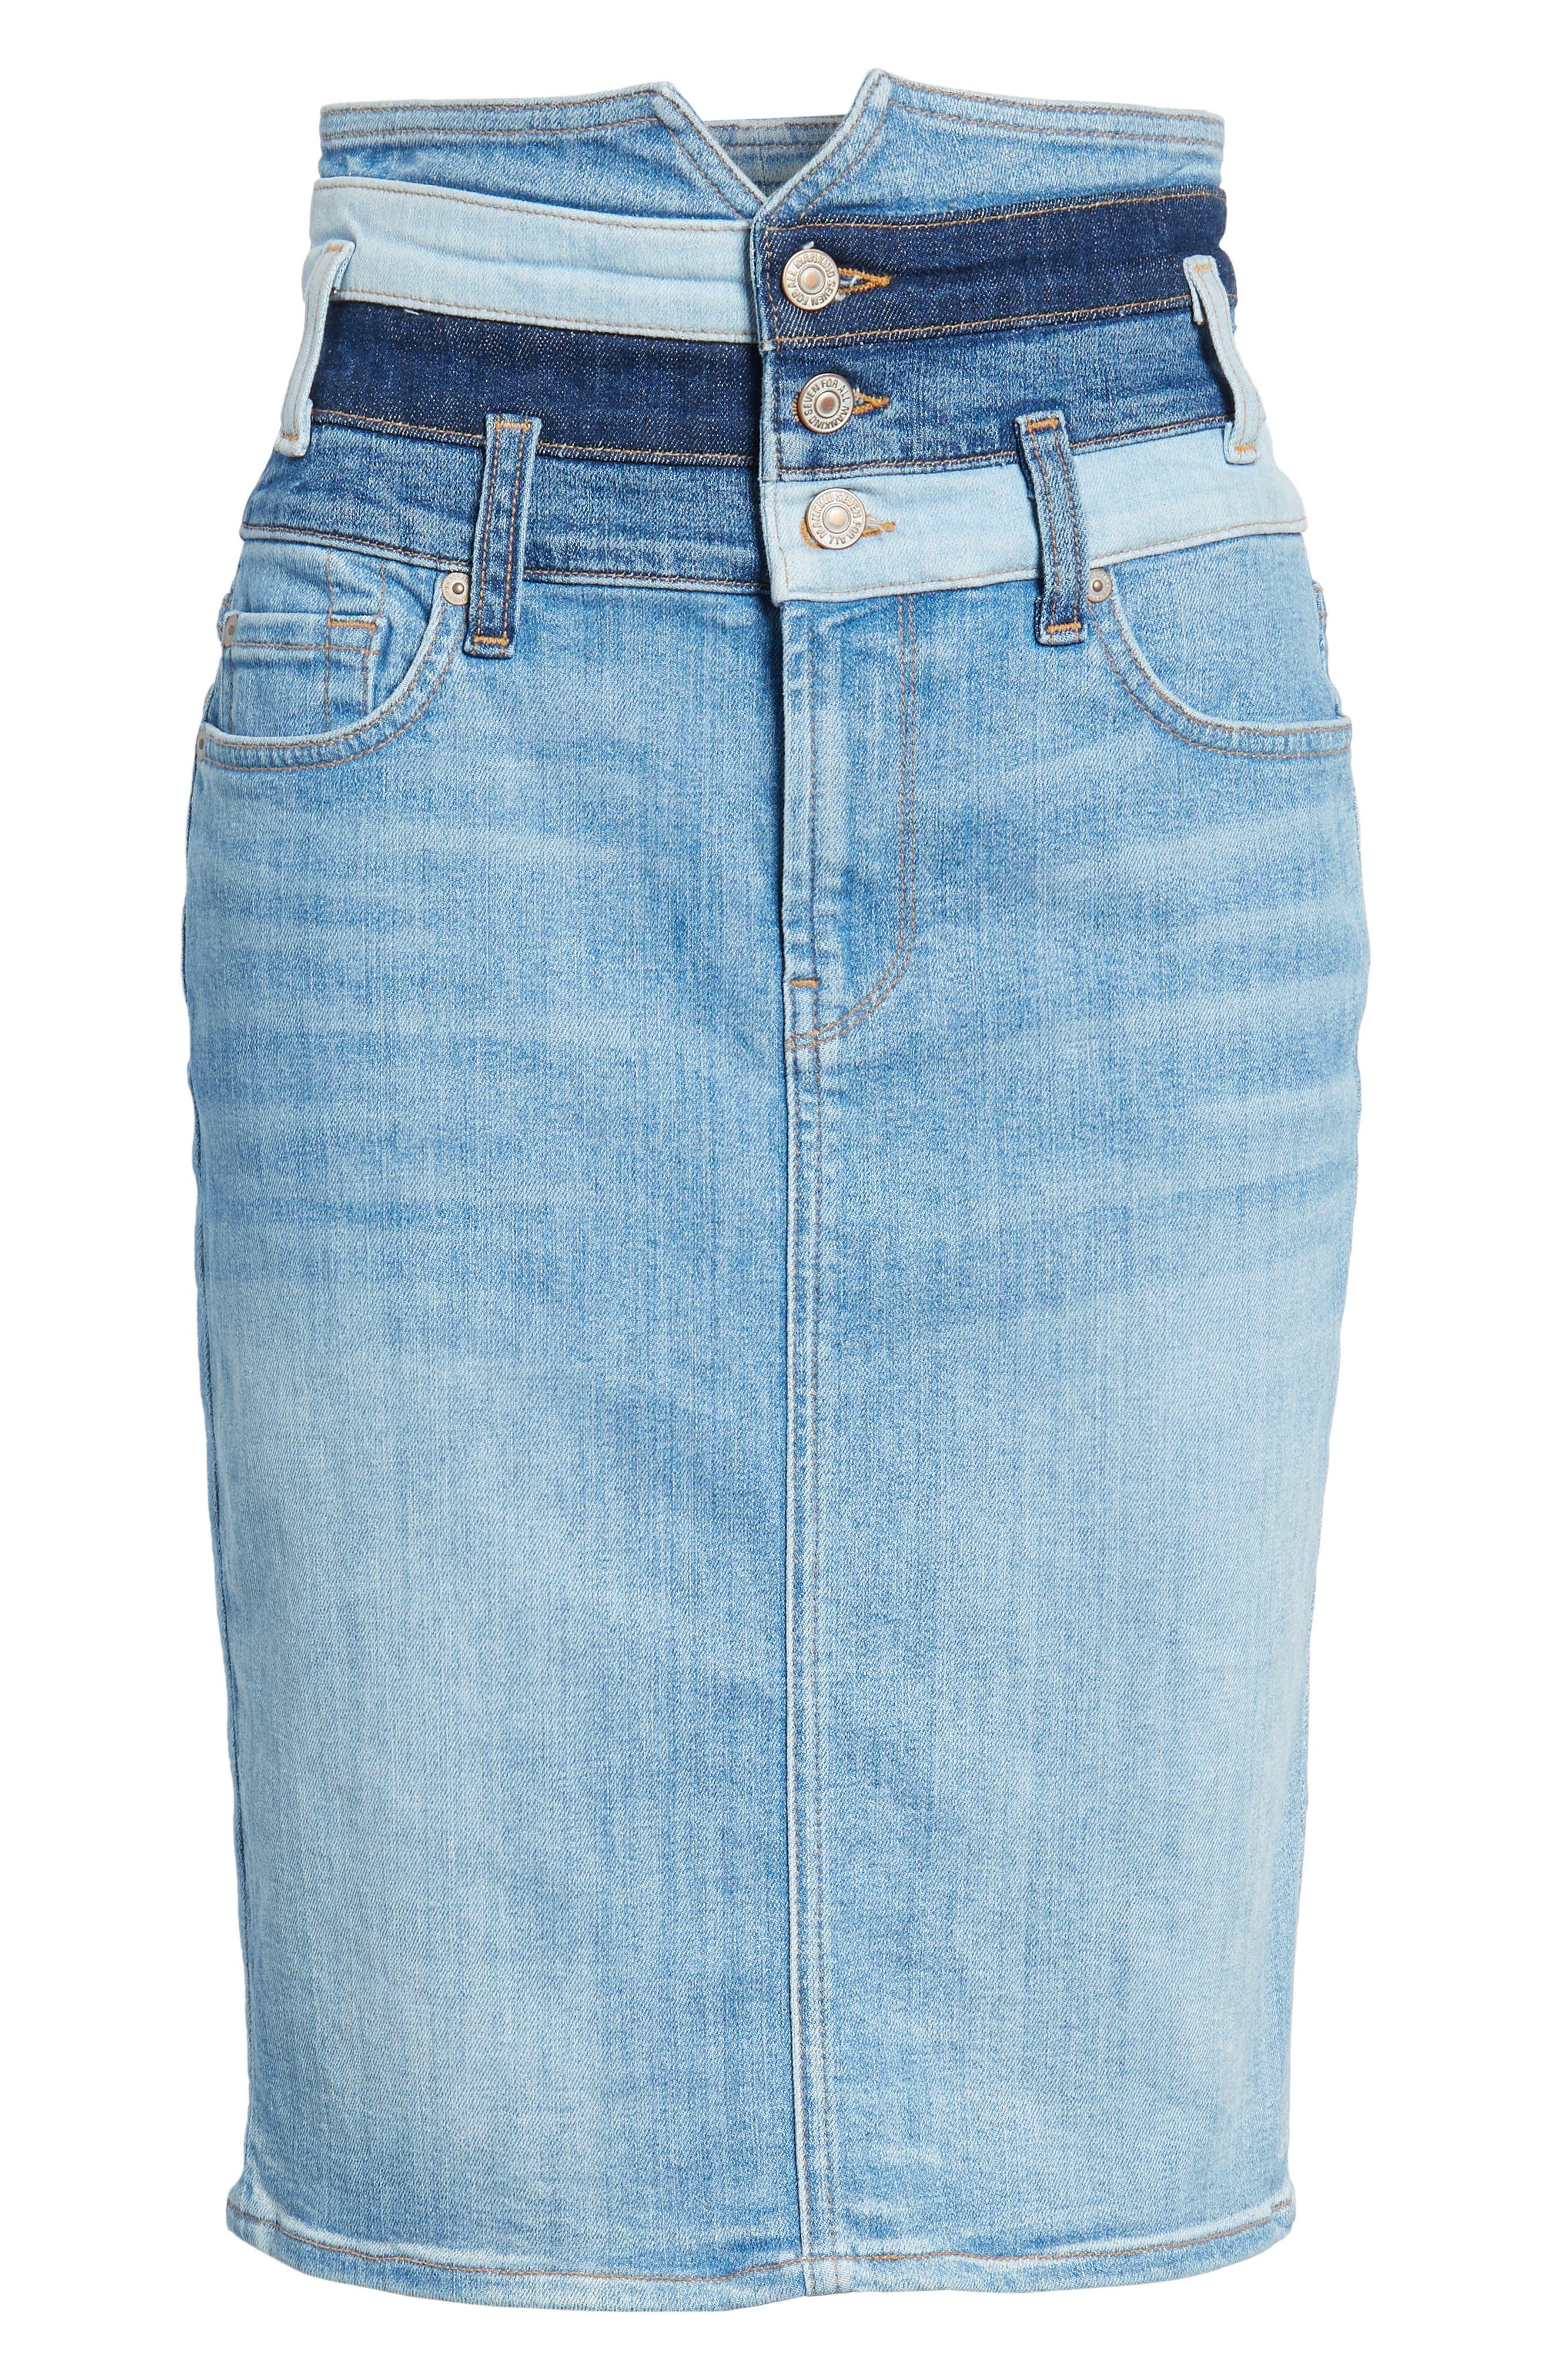 Patchwork Denim Skirt,                             Alternate thumbnail 6, color,